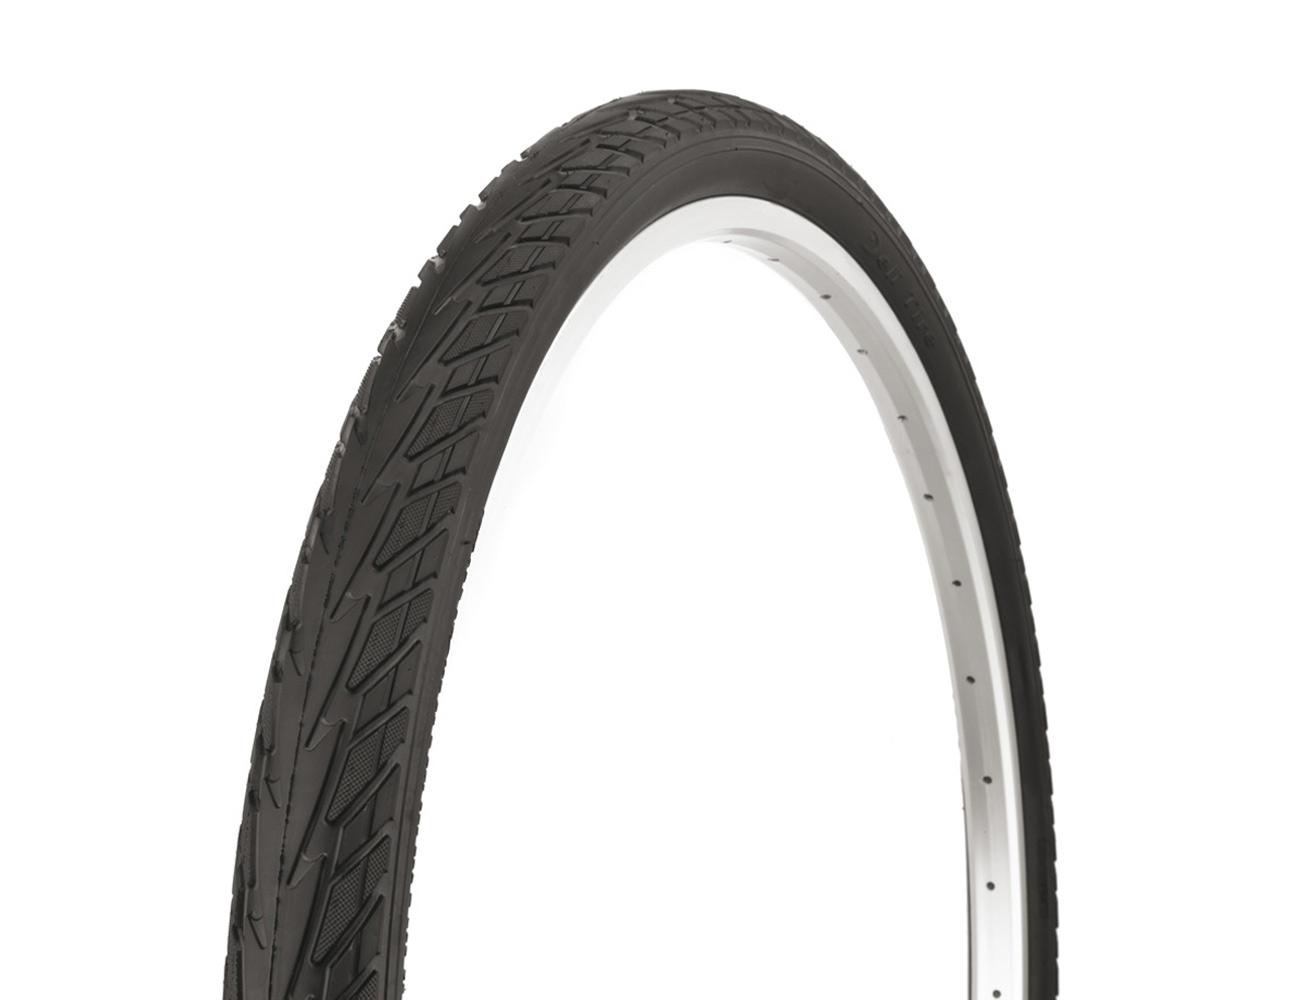 Pneu Deli Tire Blue Way 26 x 1.75 Protect Liner VAE TR Noir/Réfléchissant